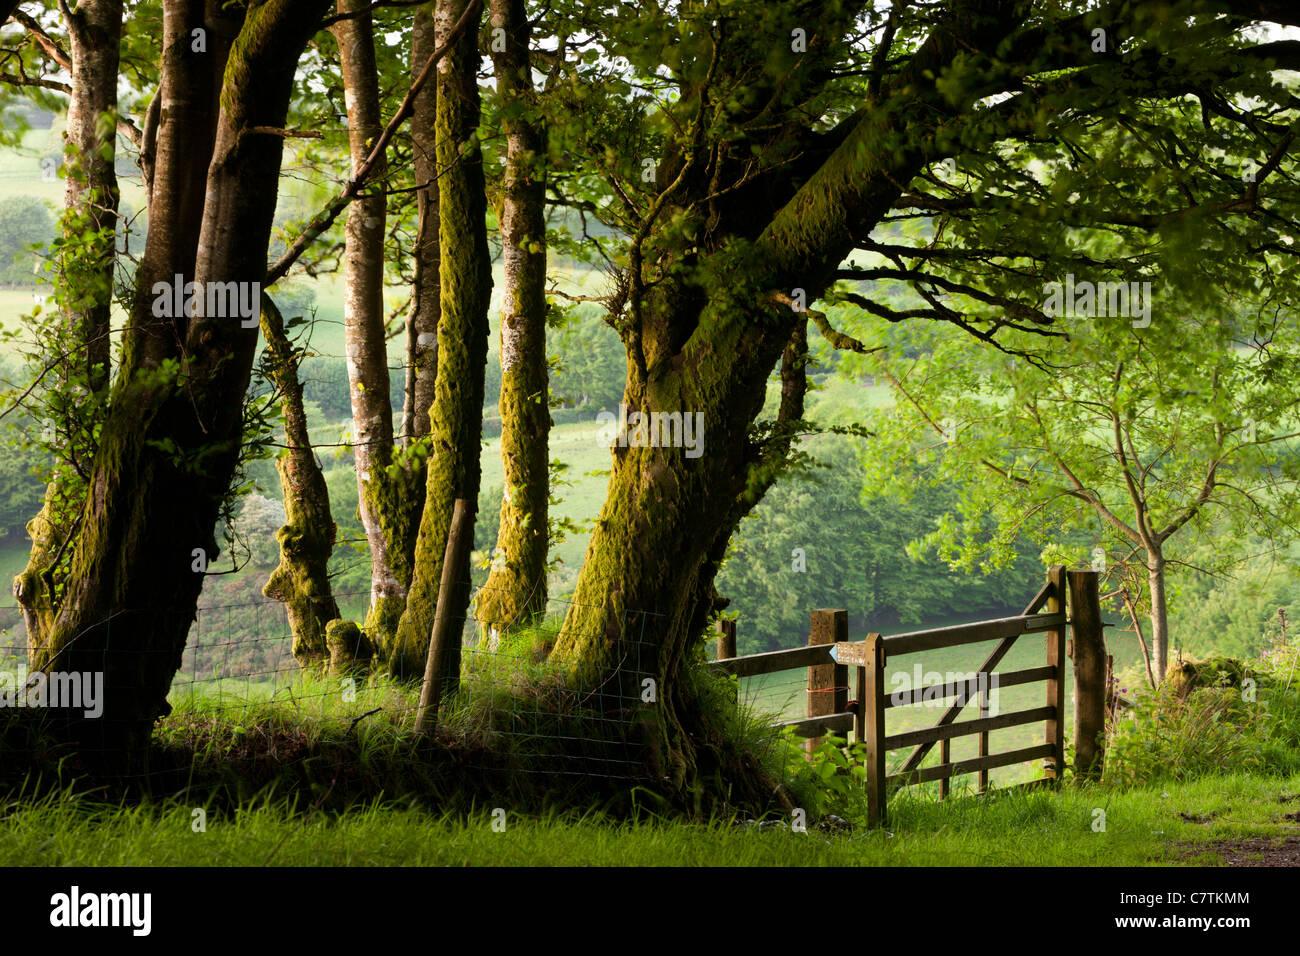 Bridleway pubblico attraverso gli alberi e la Campagna, Parco Nazionale di Exmoor, Somerset, Inghilterra. Molla Immagini Stock